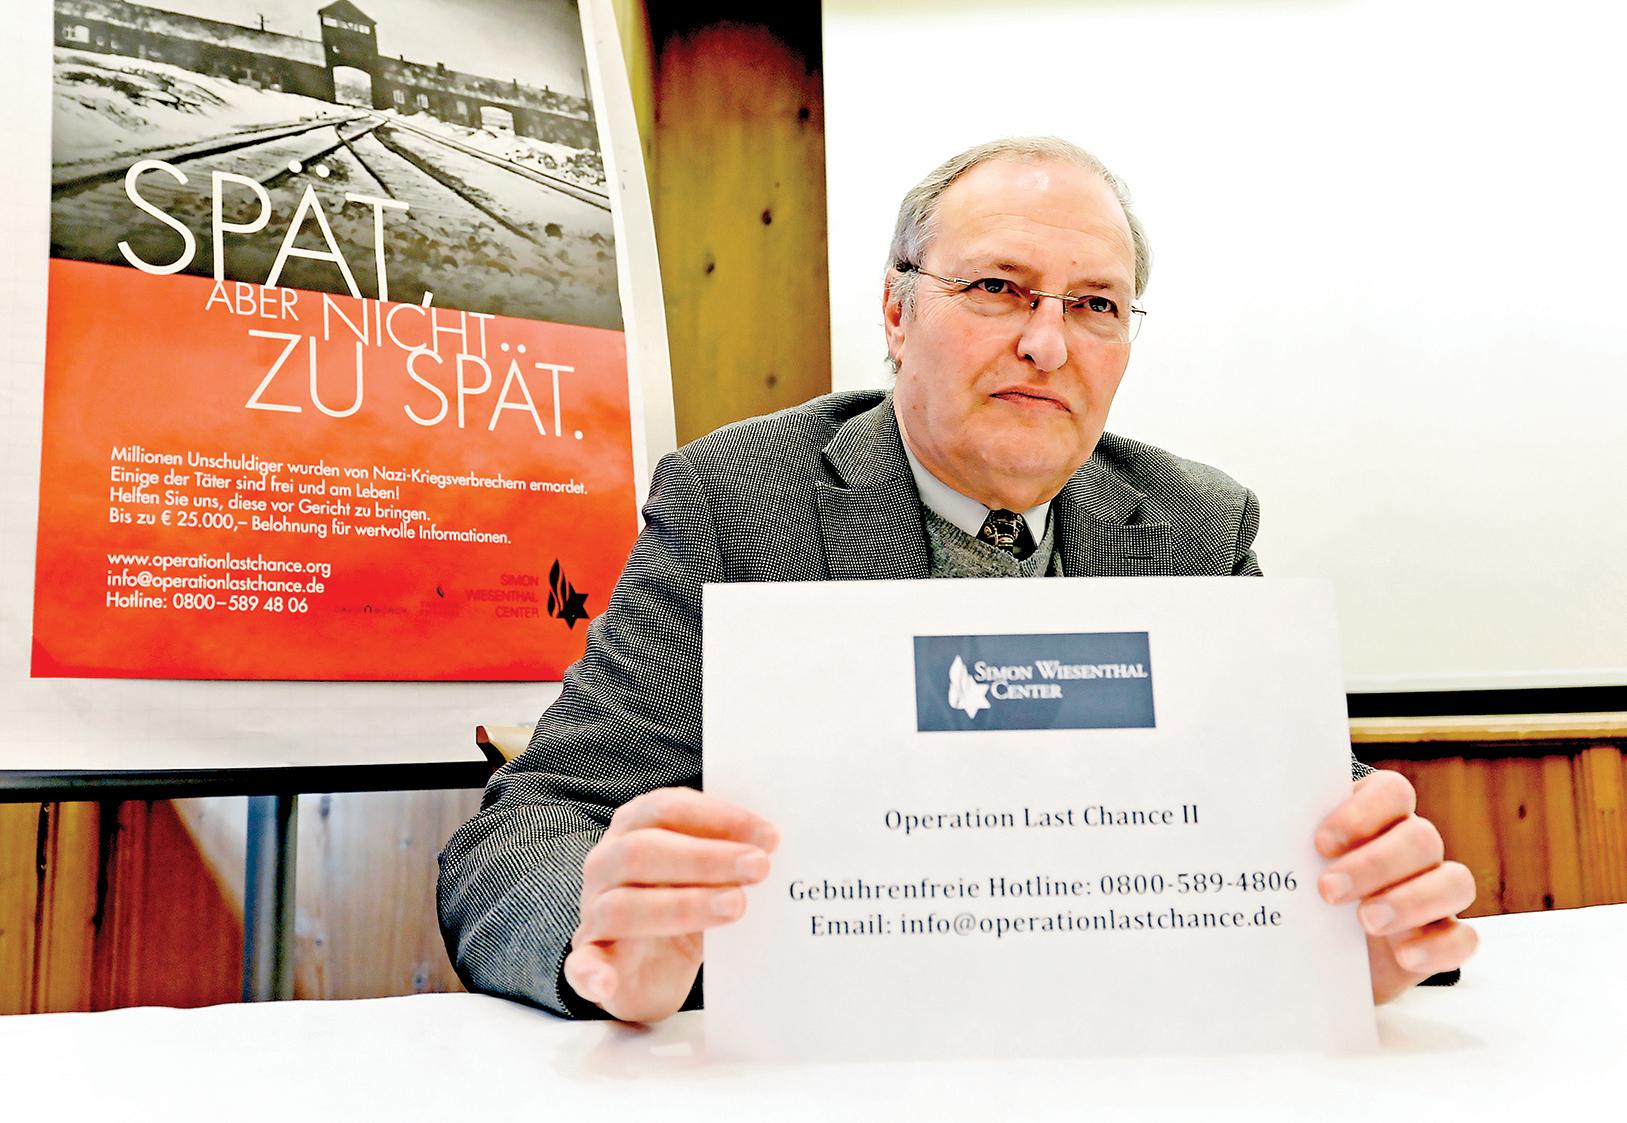 國際人權組織西蒙維森塔爾中心 2013 年在德國張貼海報,發起了懸賞納粹戰犯的運動。(Getty Images)